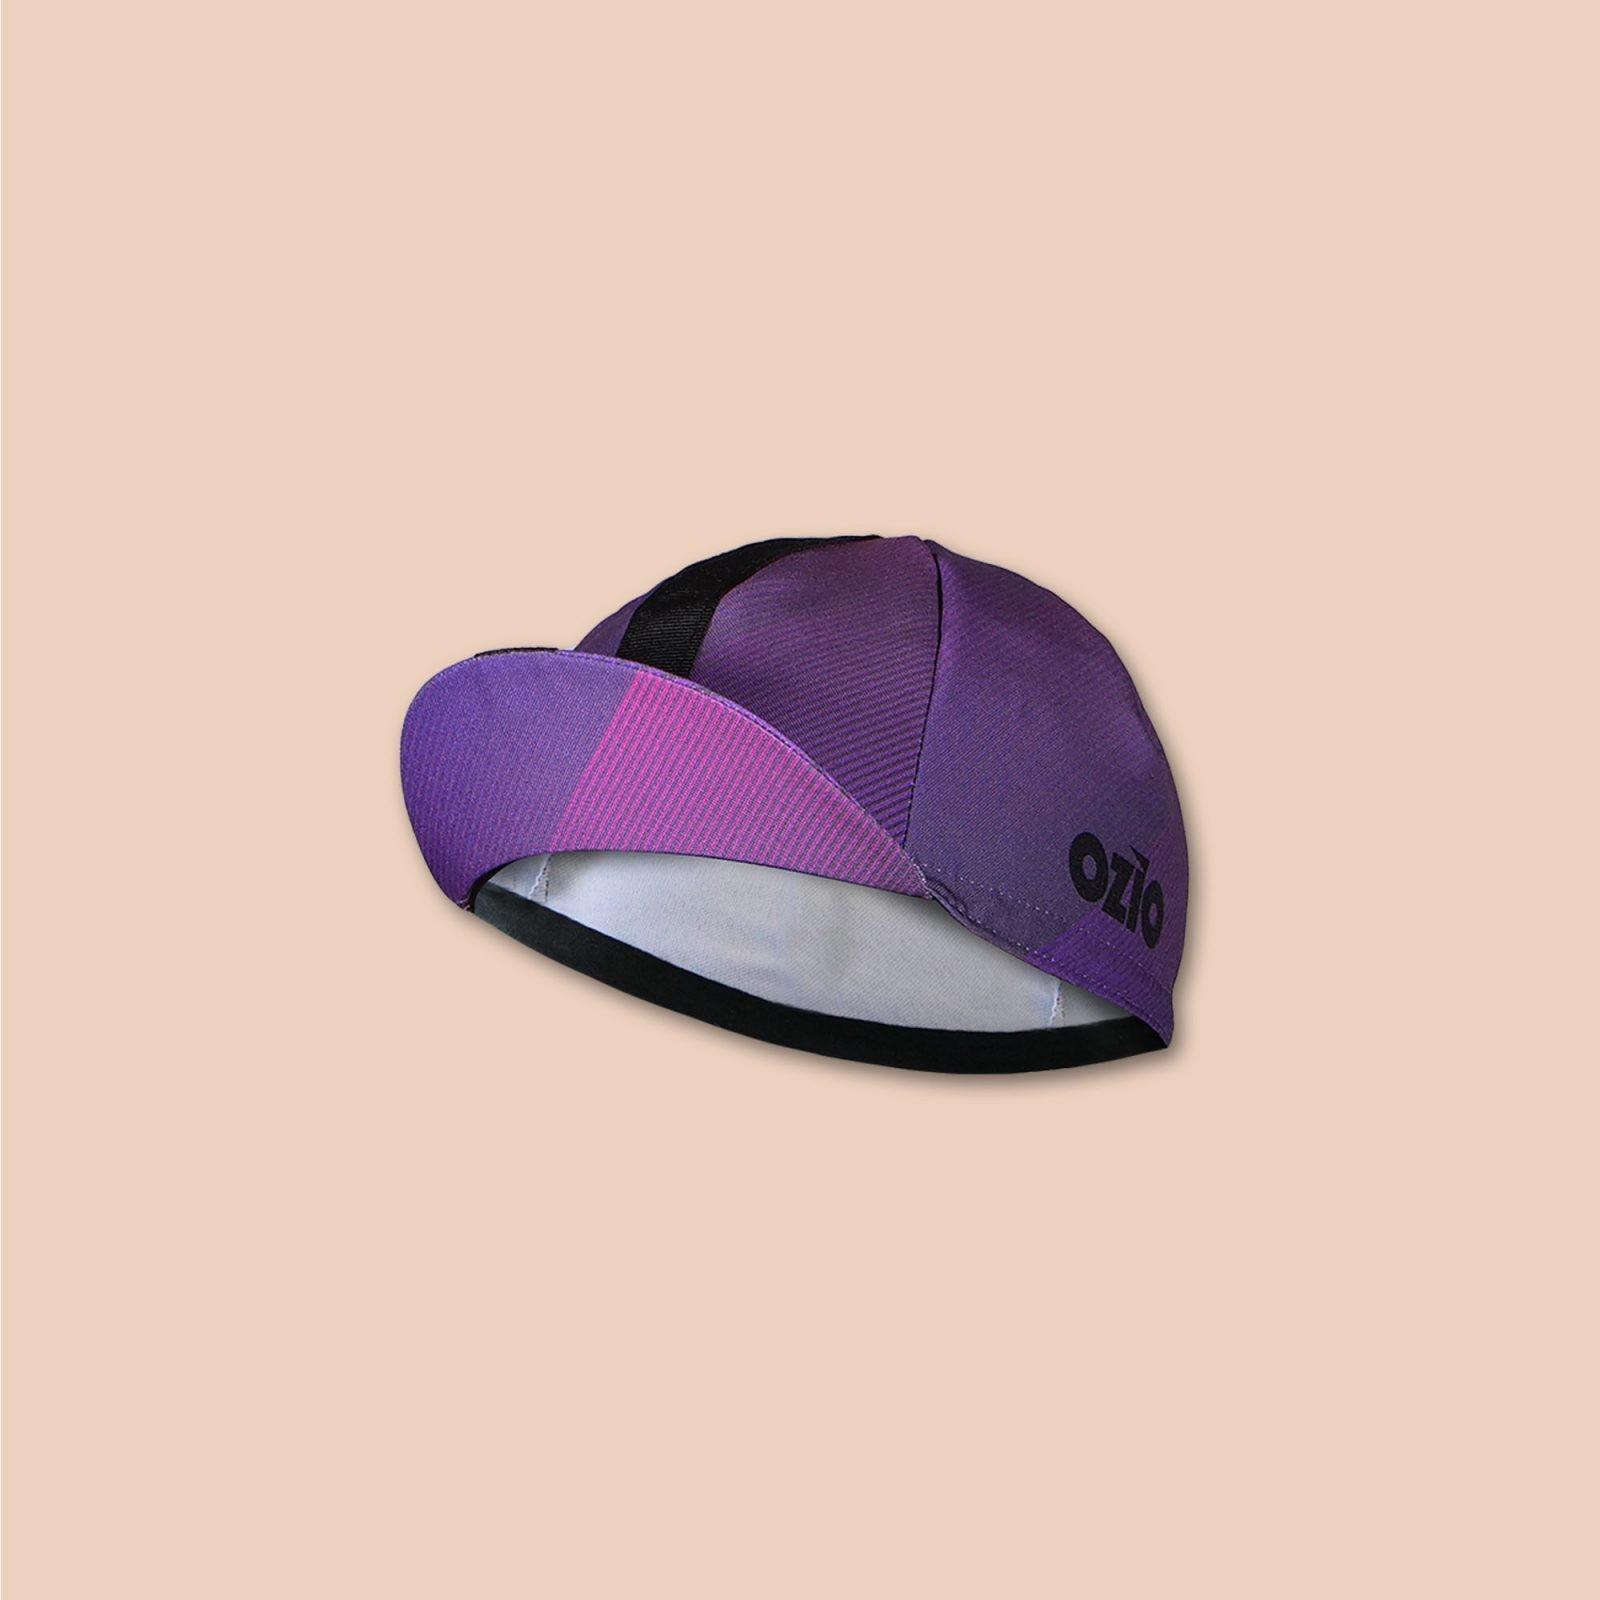 Casquette vélo violette vue 3/4